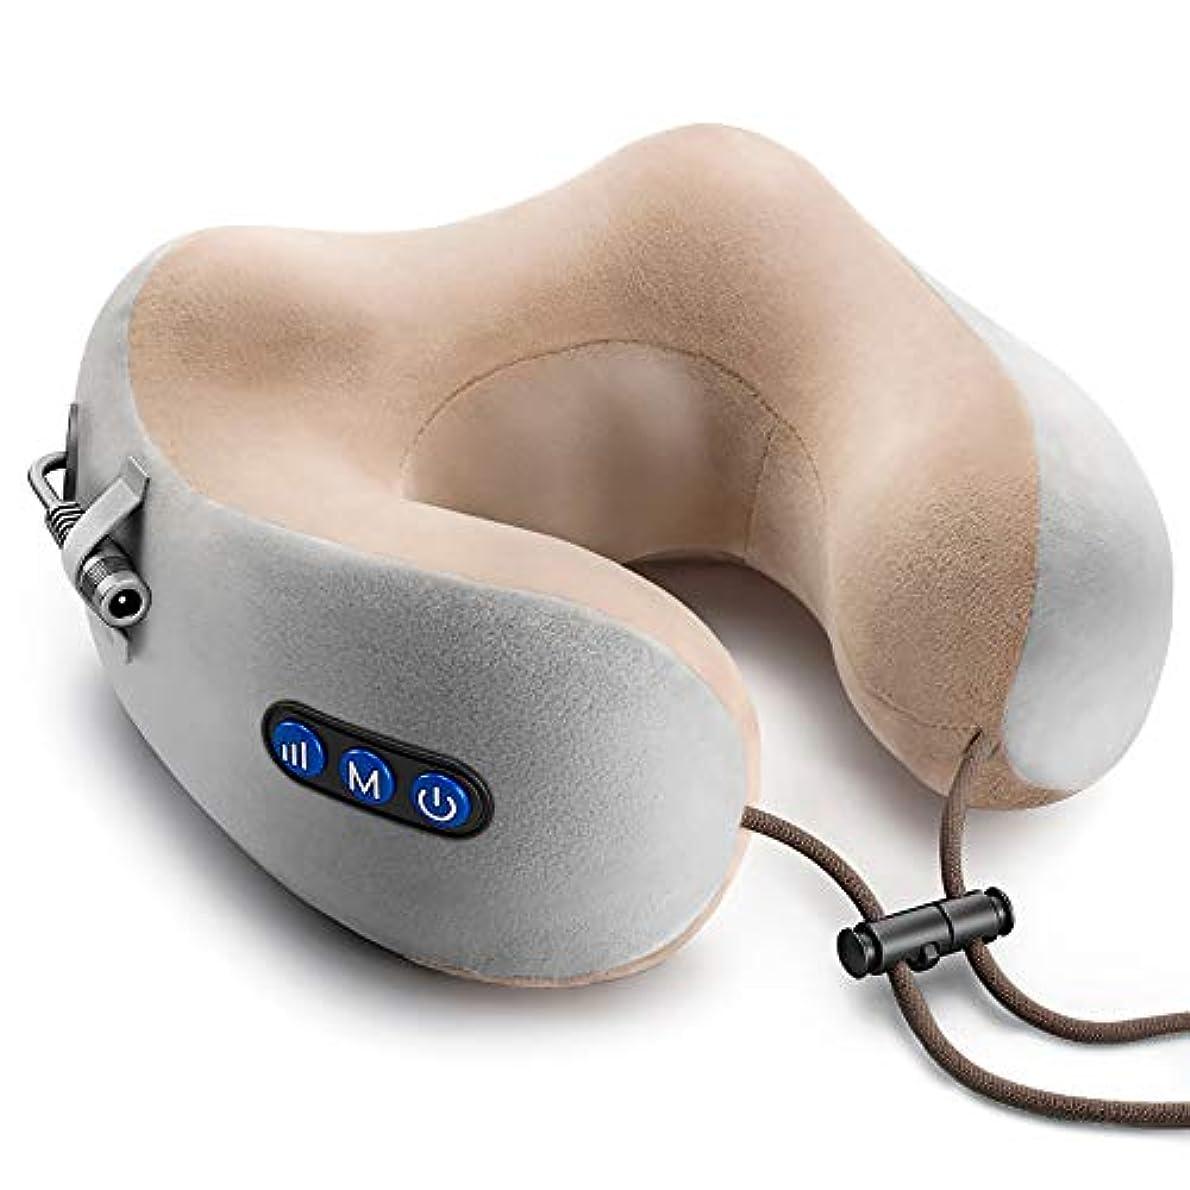 盆地ライトニングファッション首マッサージャー ネックマッサージャー U型 USB充電式 3モード 低反発ネックマッサージピロー 自動オフ機能 肩こり ストレス解消 多機能 人間工学 日本語取扱説明書付 プレゼント